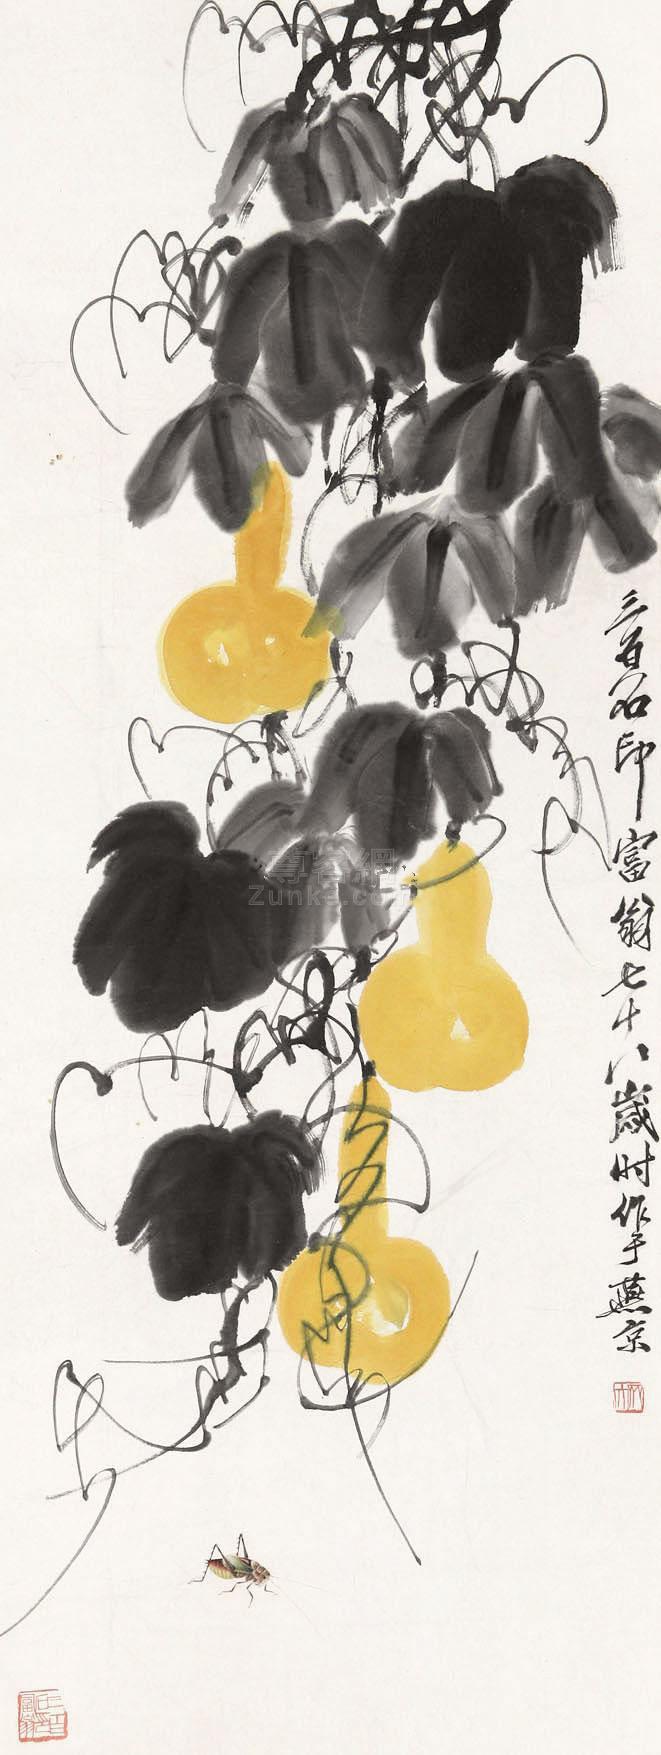 齐白石 葫芦 镜片 纸本作品欣赏